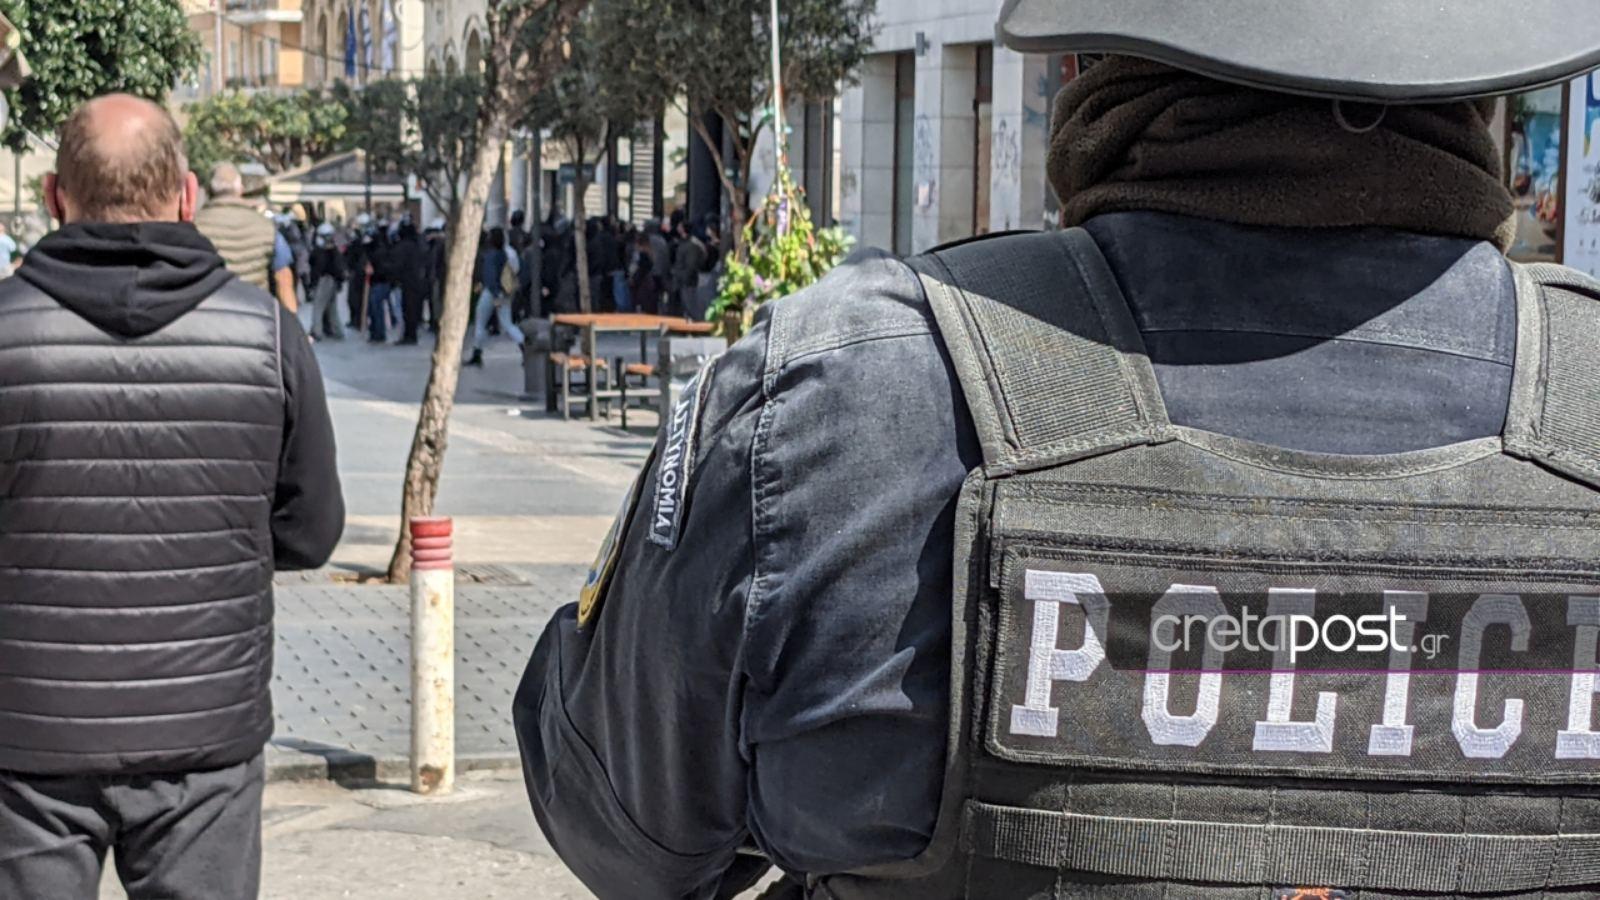 Ηράκλειο: Επεισόδια με ξύλο, χημικά και δακρυγόνα στην πορεία για τον Δημήτρη Κουφοντίνα (video)